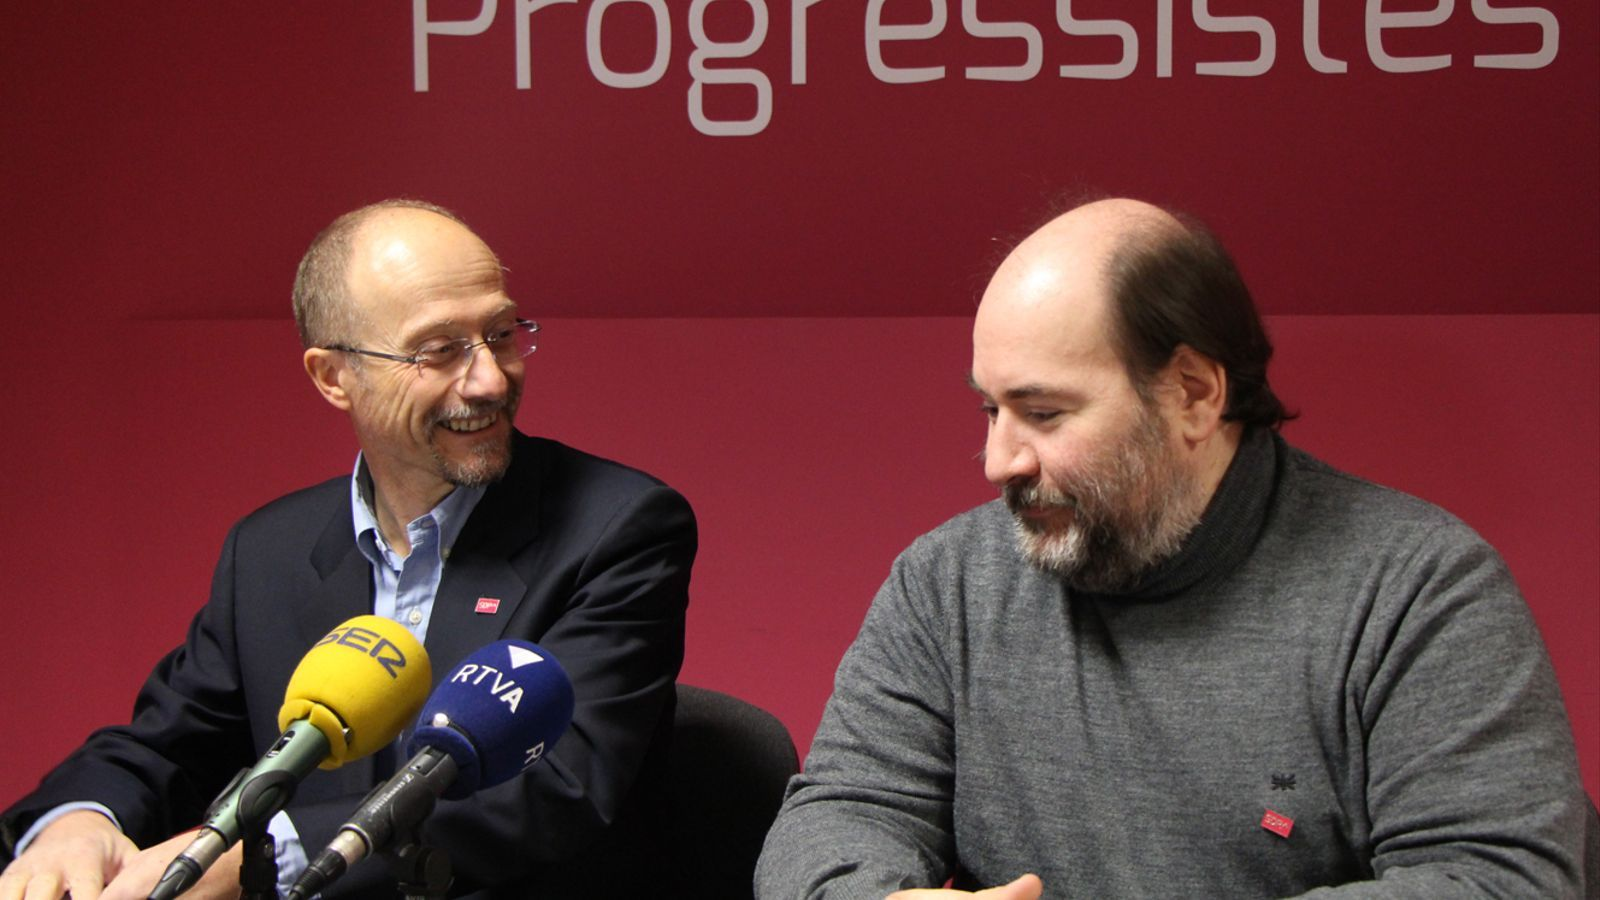 Víctor Naudi i Joan-Marc Miralles en roda de premsa / M. T.